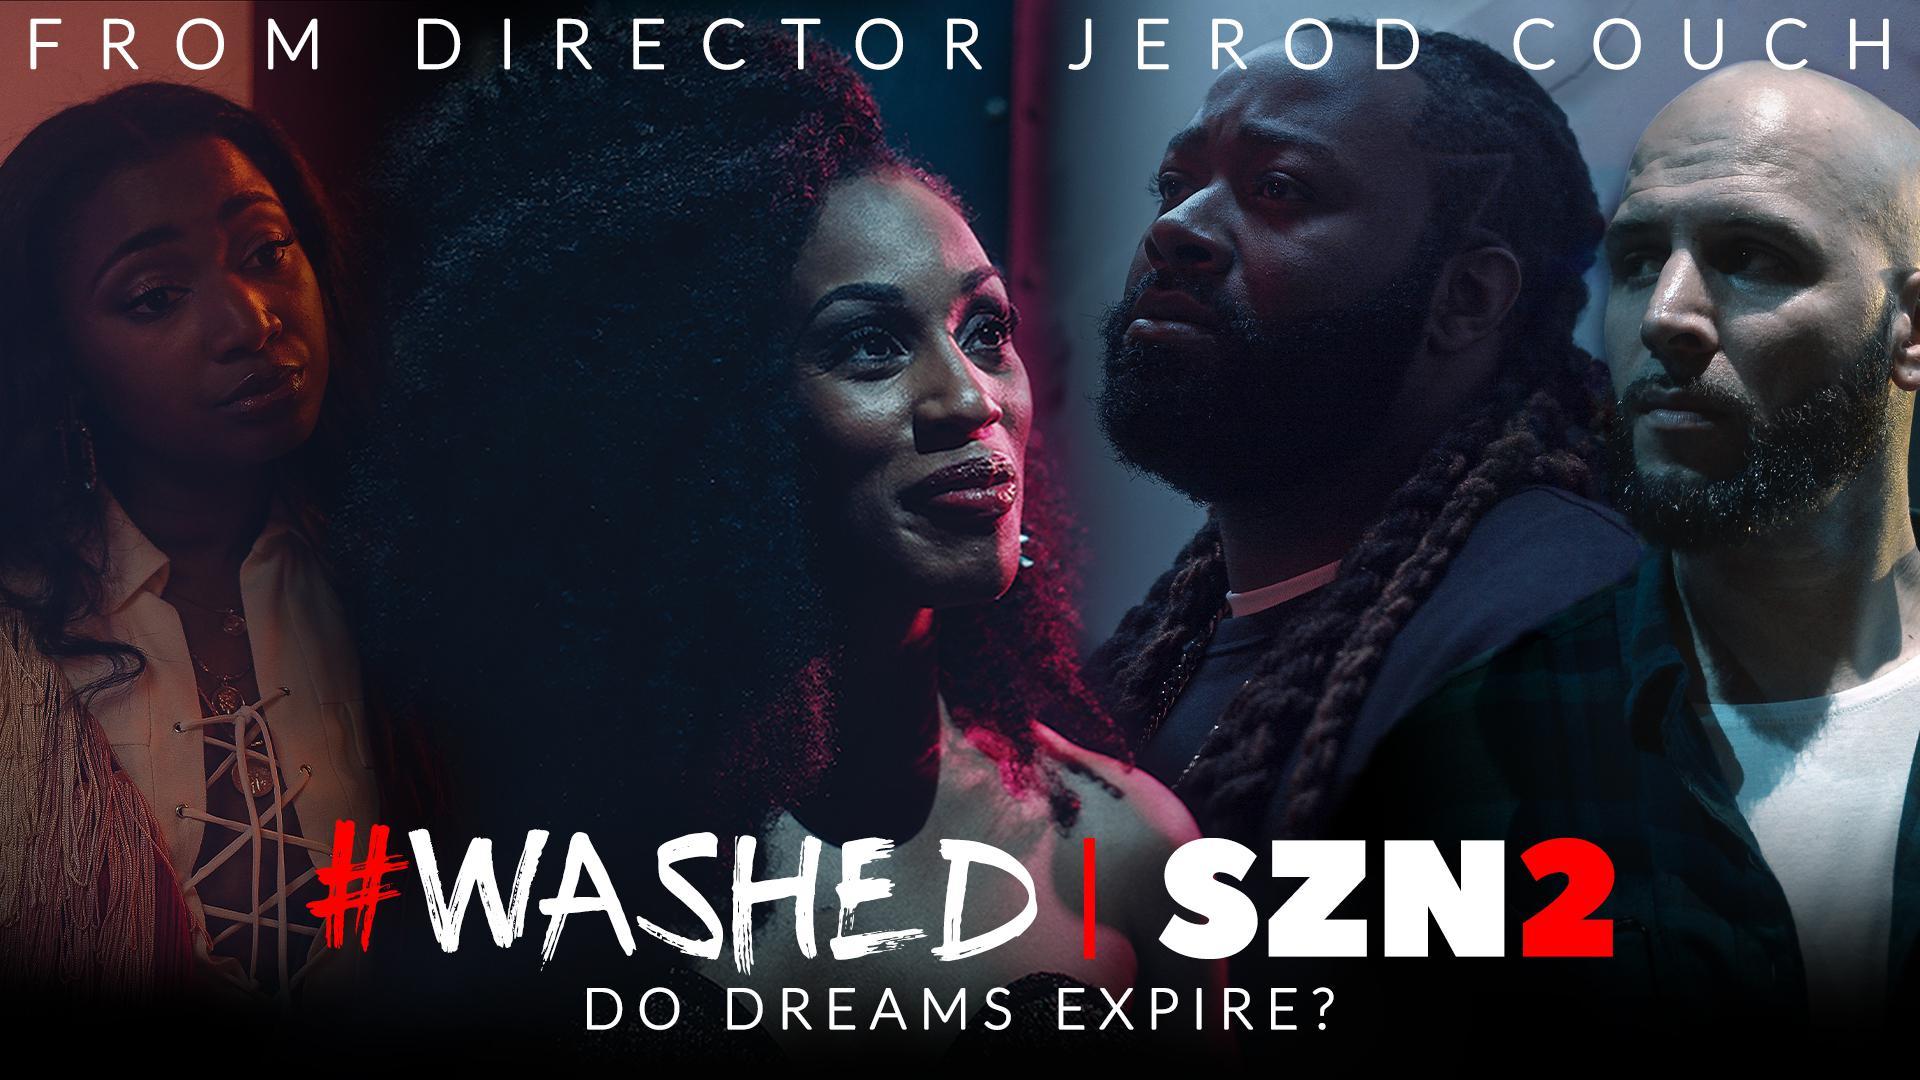 #WASHED (SZN 2)